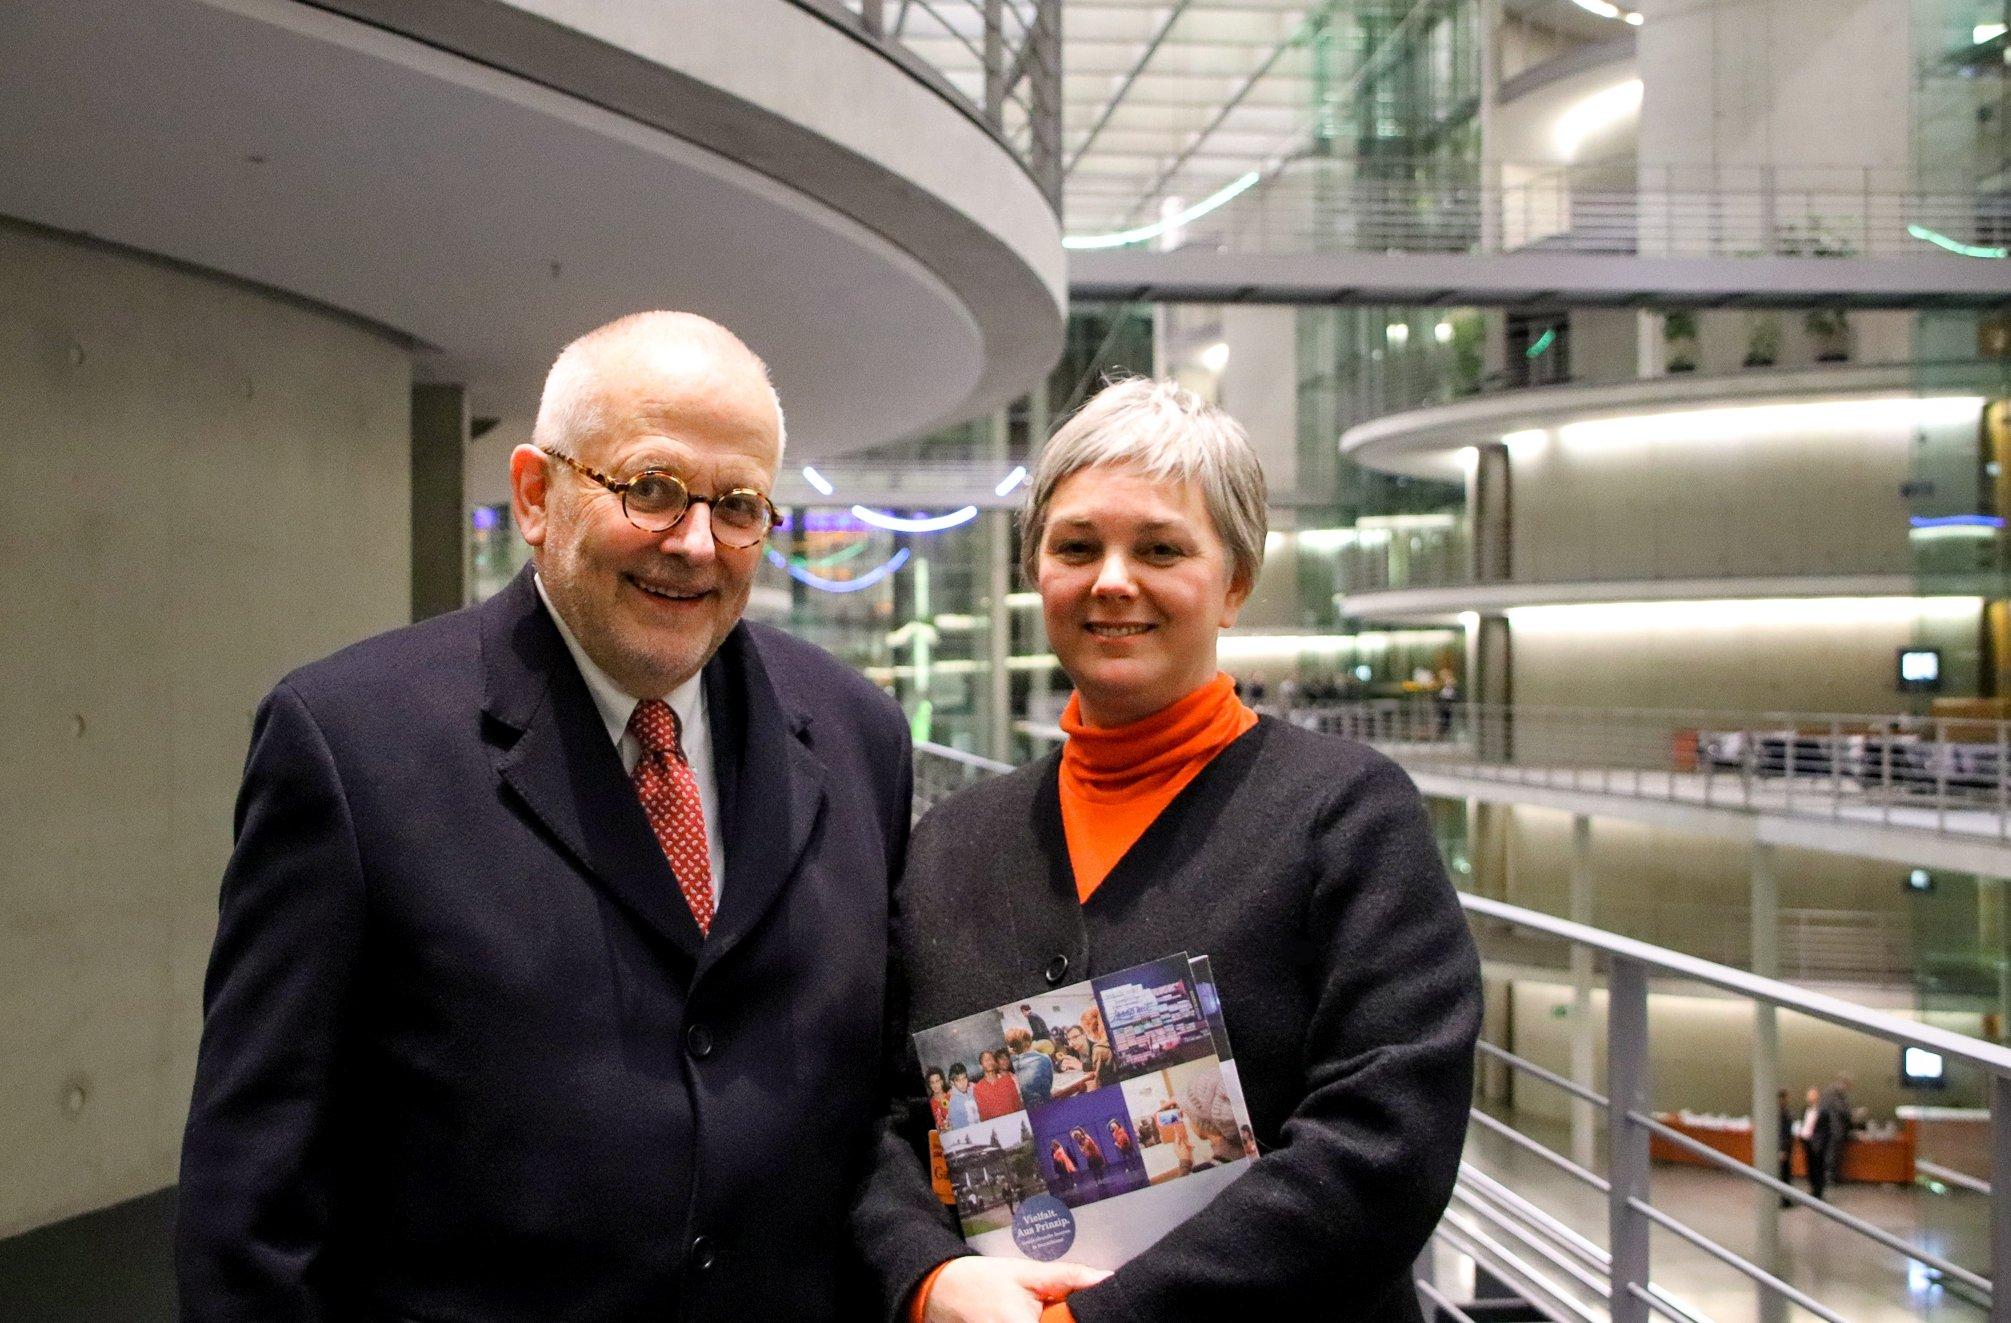 Ellen und Dr. Rupert Graf Strachwitz  nach dem Unterausschuss Bürgerschaftliches Engagement, Foto © Nikolaus Hausser